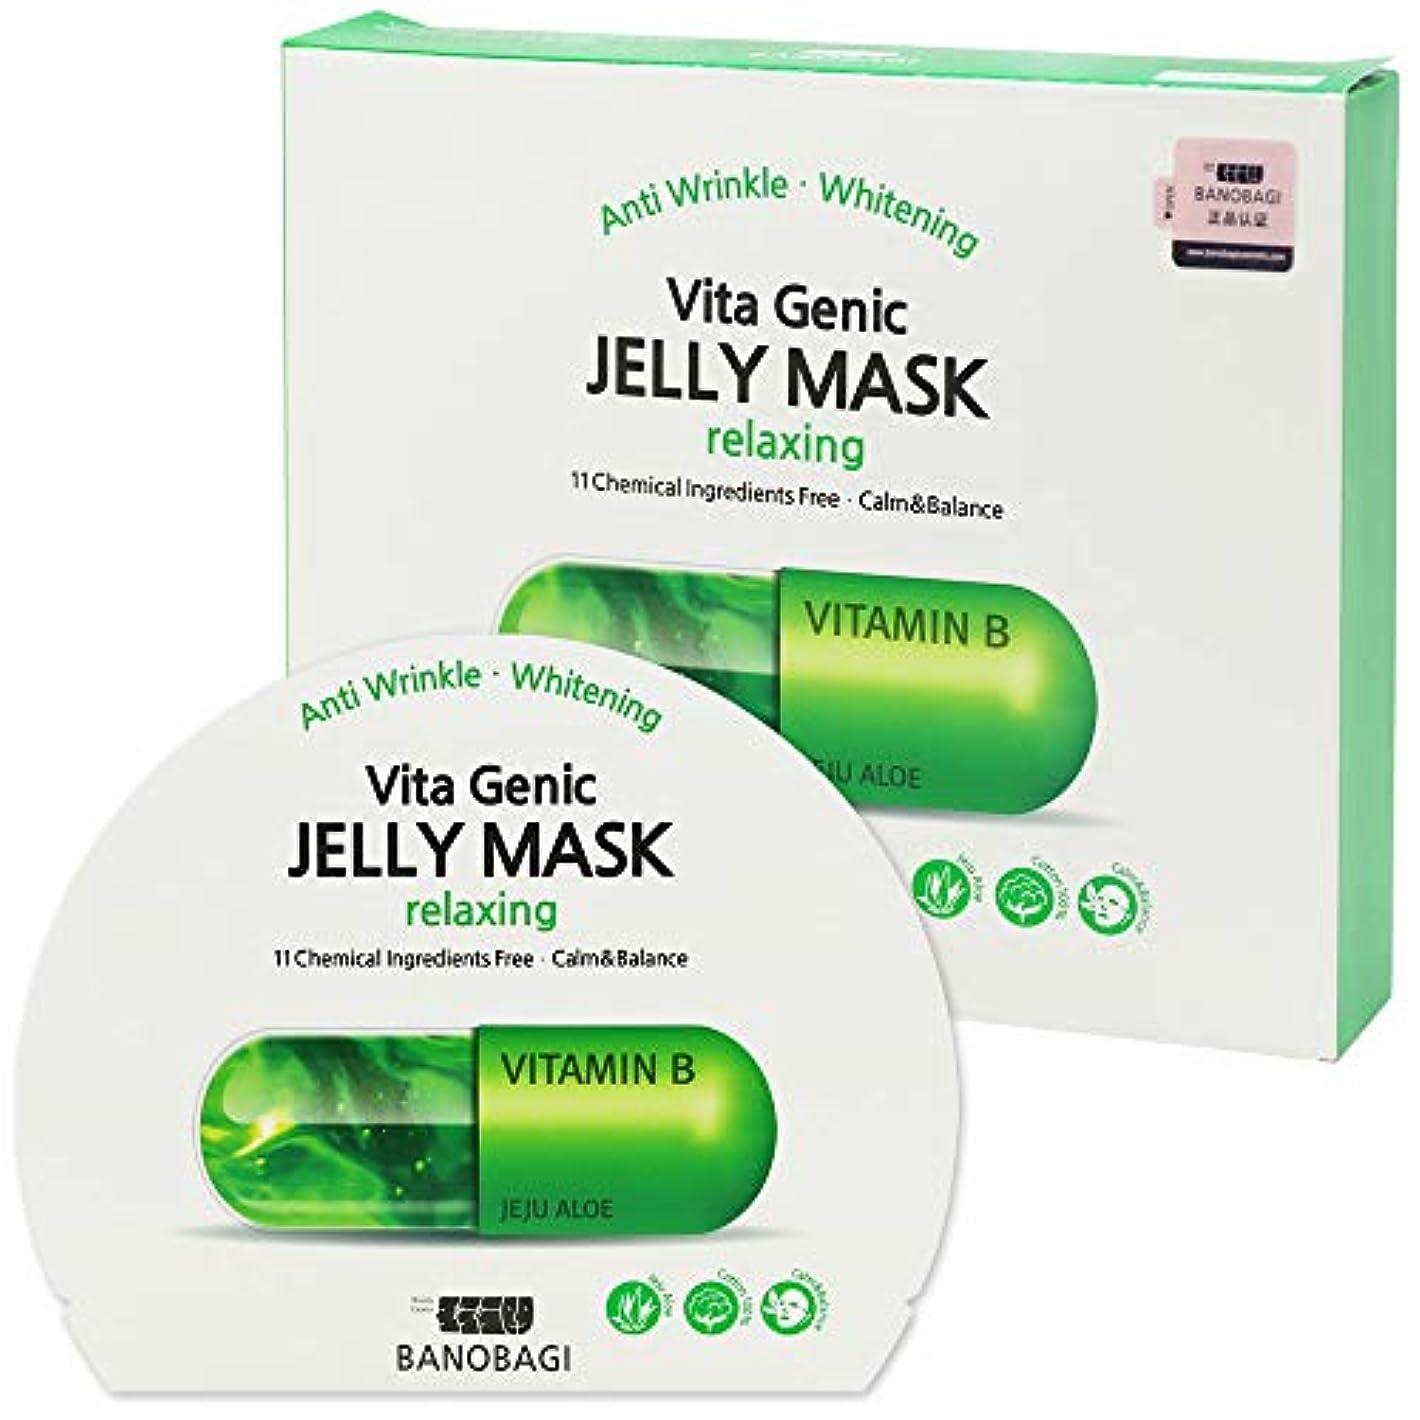 紳士気取りの、きざなアート応用バナバギ[BANOBAGI] ヴィータジェニックゼリーマスク★リラックス(緑)30mlx10P / Vita Genic Jelly Mask (Relaxing-Green)